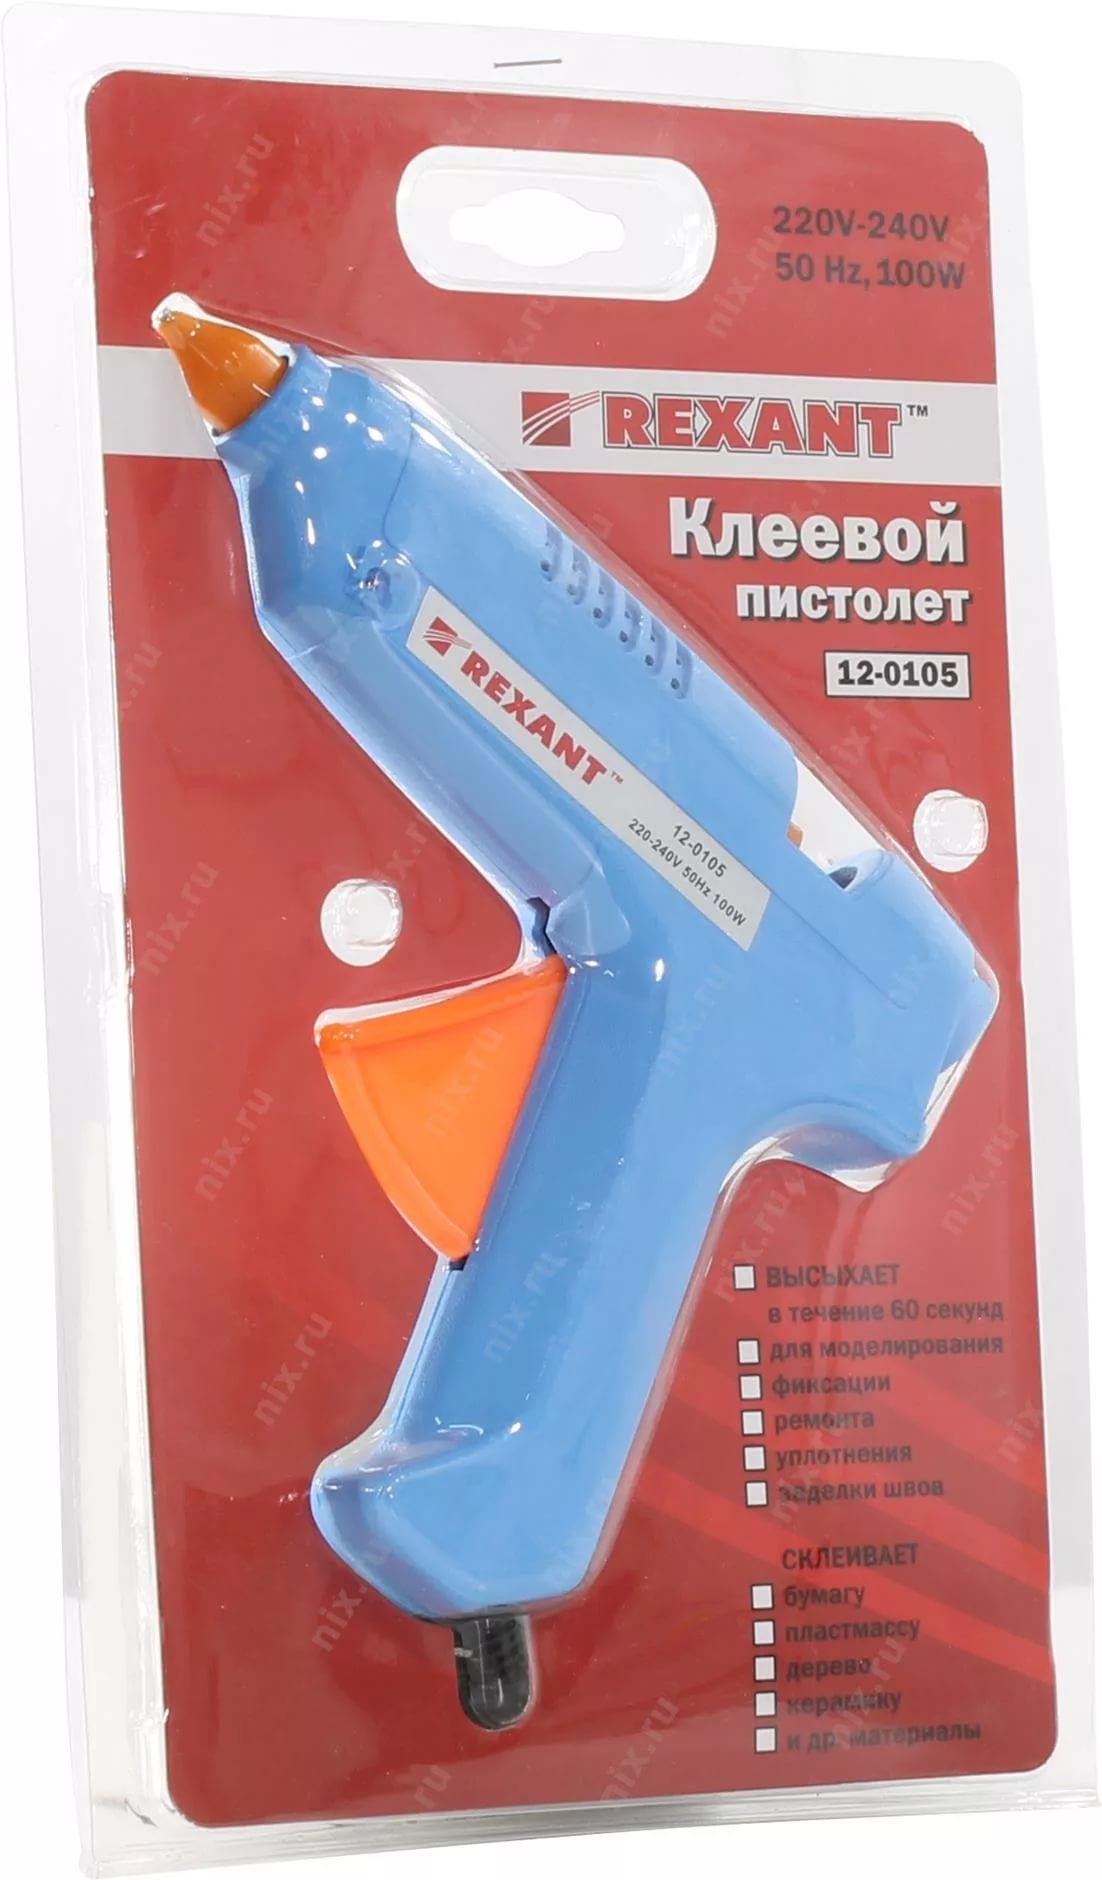 Пистолет термоклеящий 100Вт защита от вытекания клея 12-0105